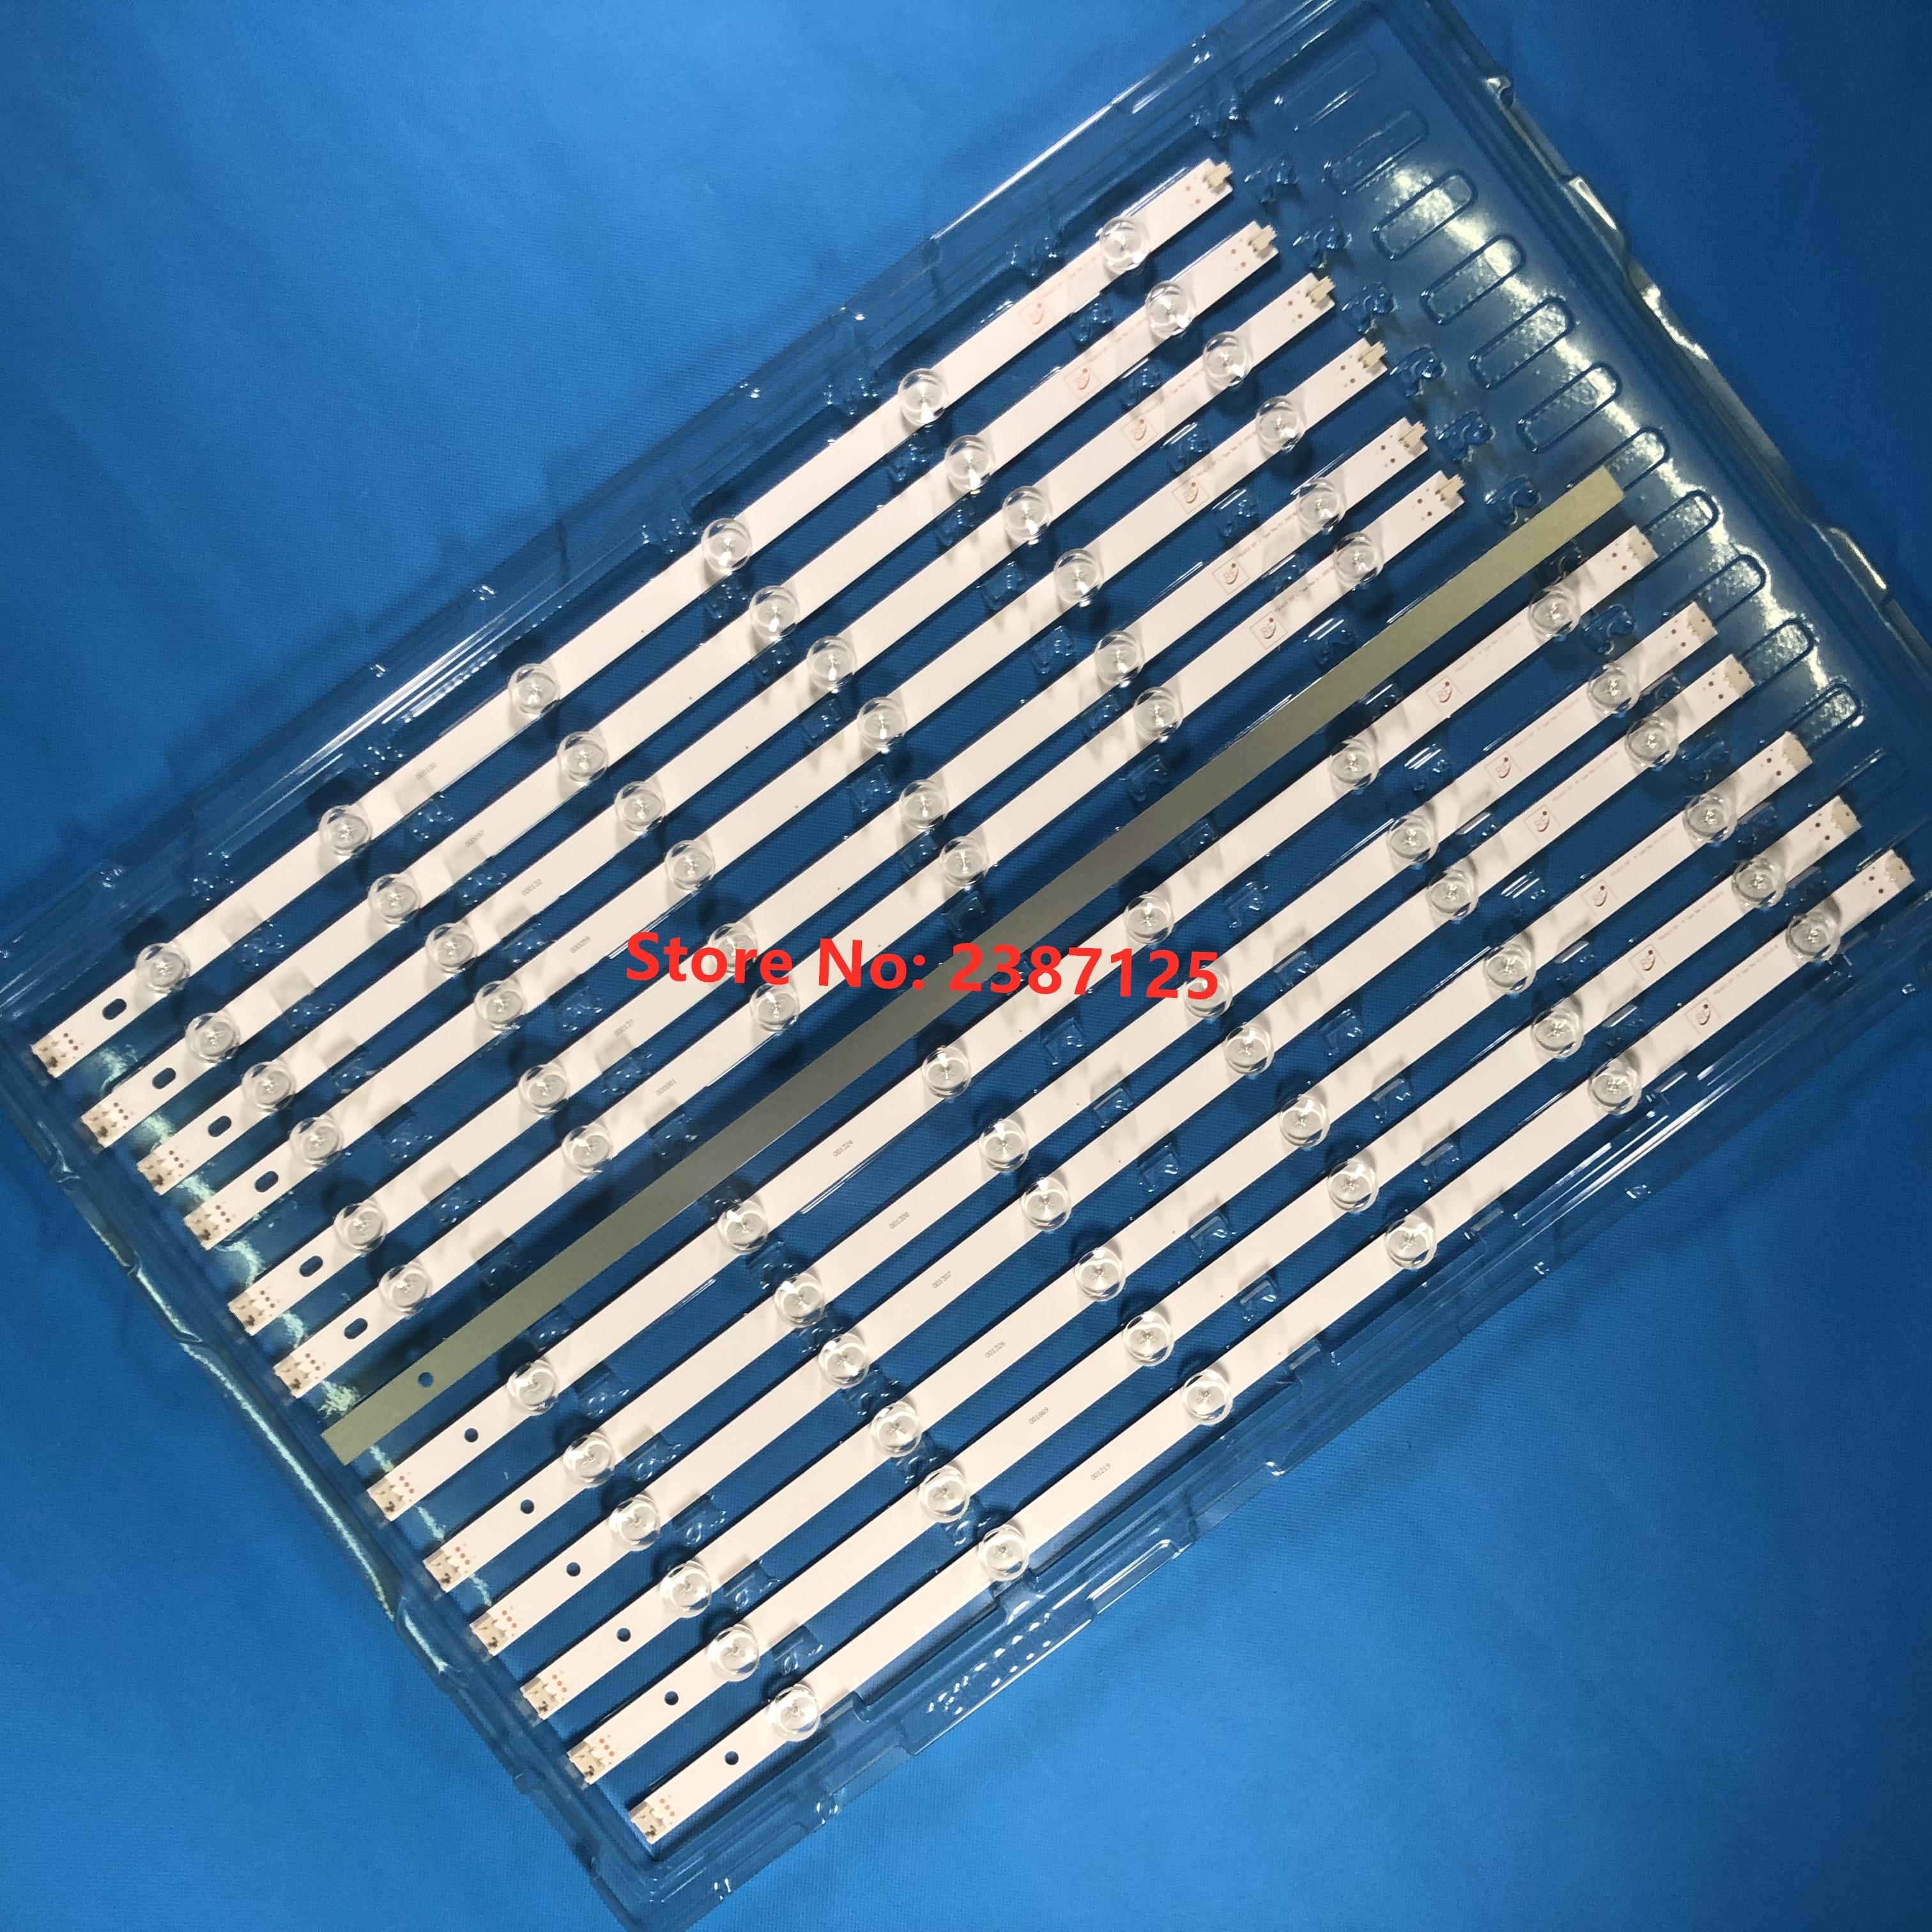 NEW LED Backlight Strip 6/6 Lamp For LG 55